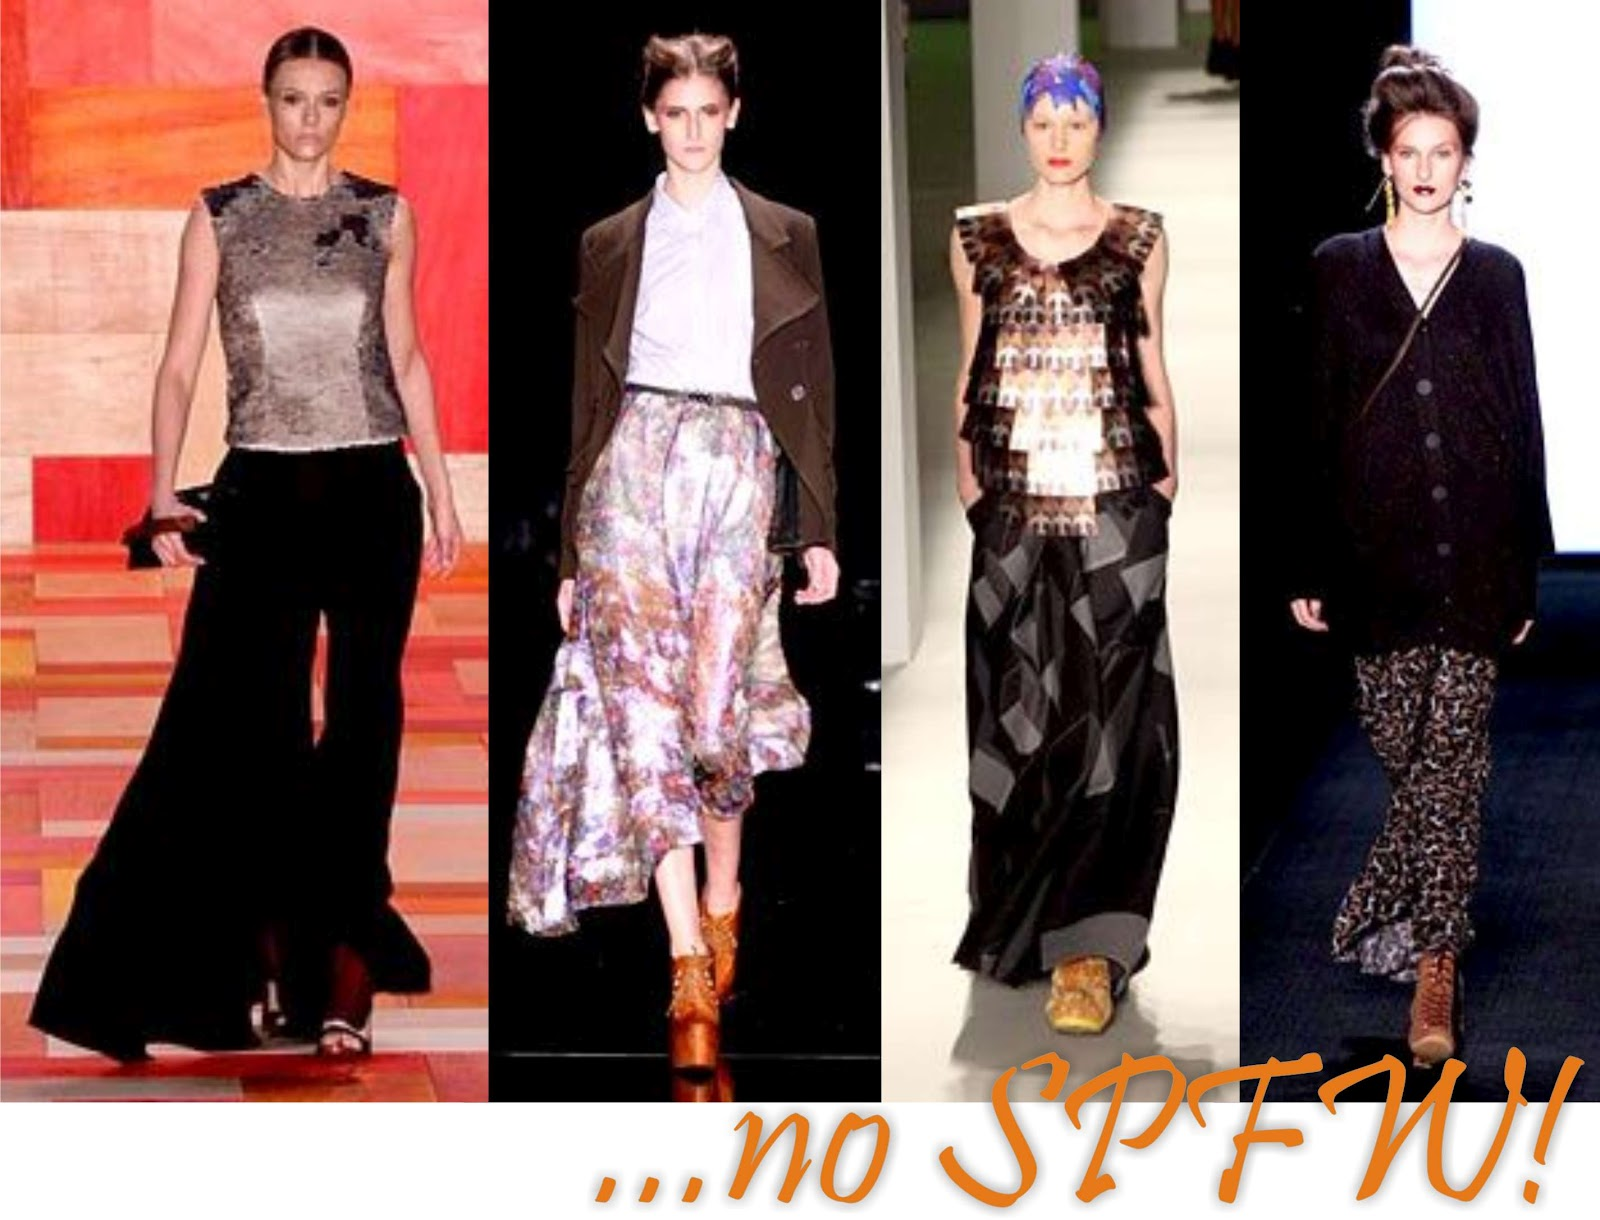 http://1.bp.blogspot.com/-AKkk3cMhyfY/T_9sCLYsdrI/AAAAAAAACyQ/ExxRmDrrh3E/s1600/Trend+Alert+-+Maxi+Skirt+spfw+4.jpg